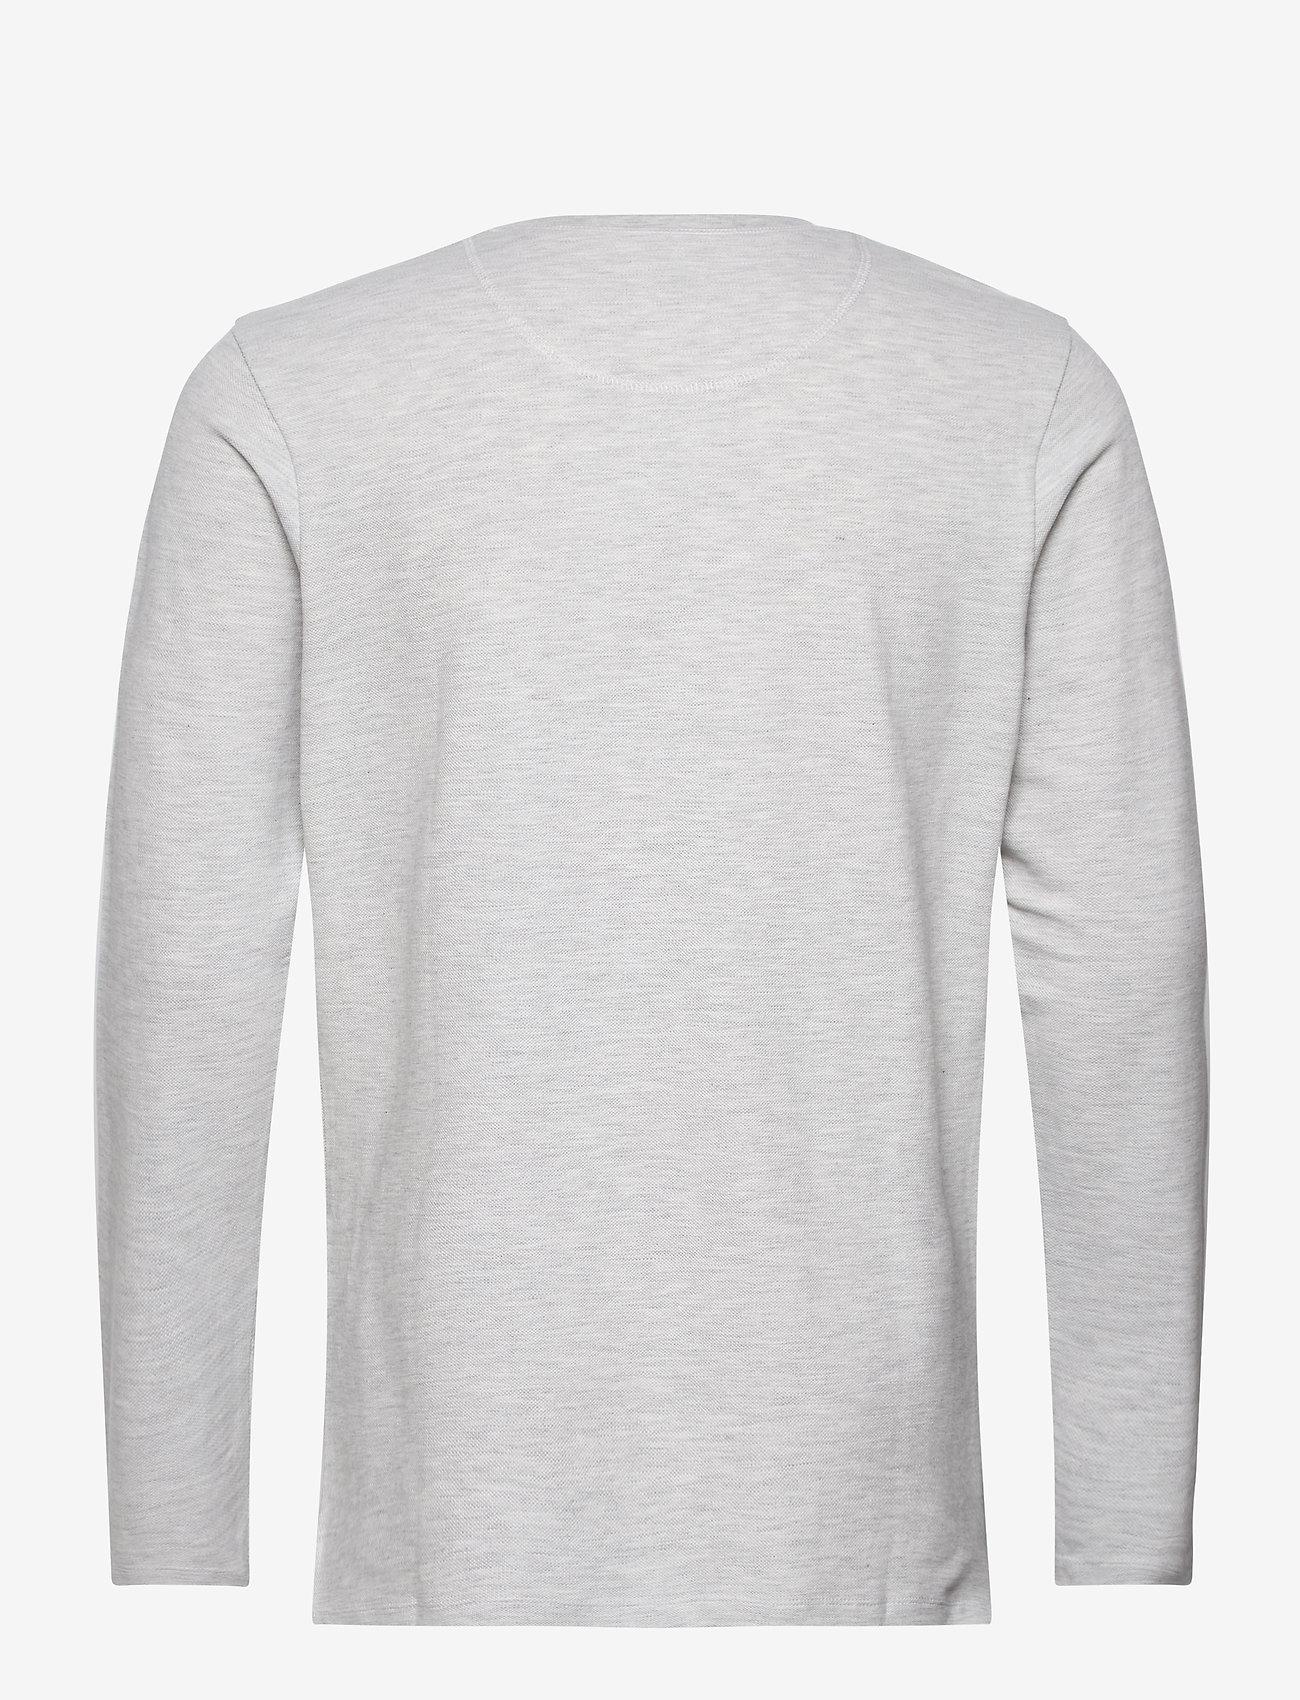 Jack & Jones JJEJEANS HENLEY L/S NOOS - T-skjorter ECRU - Menn Klær